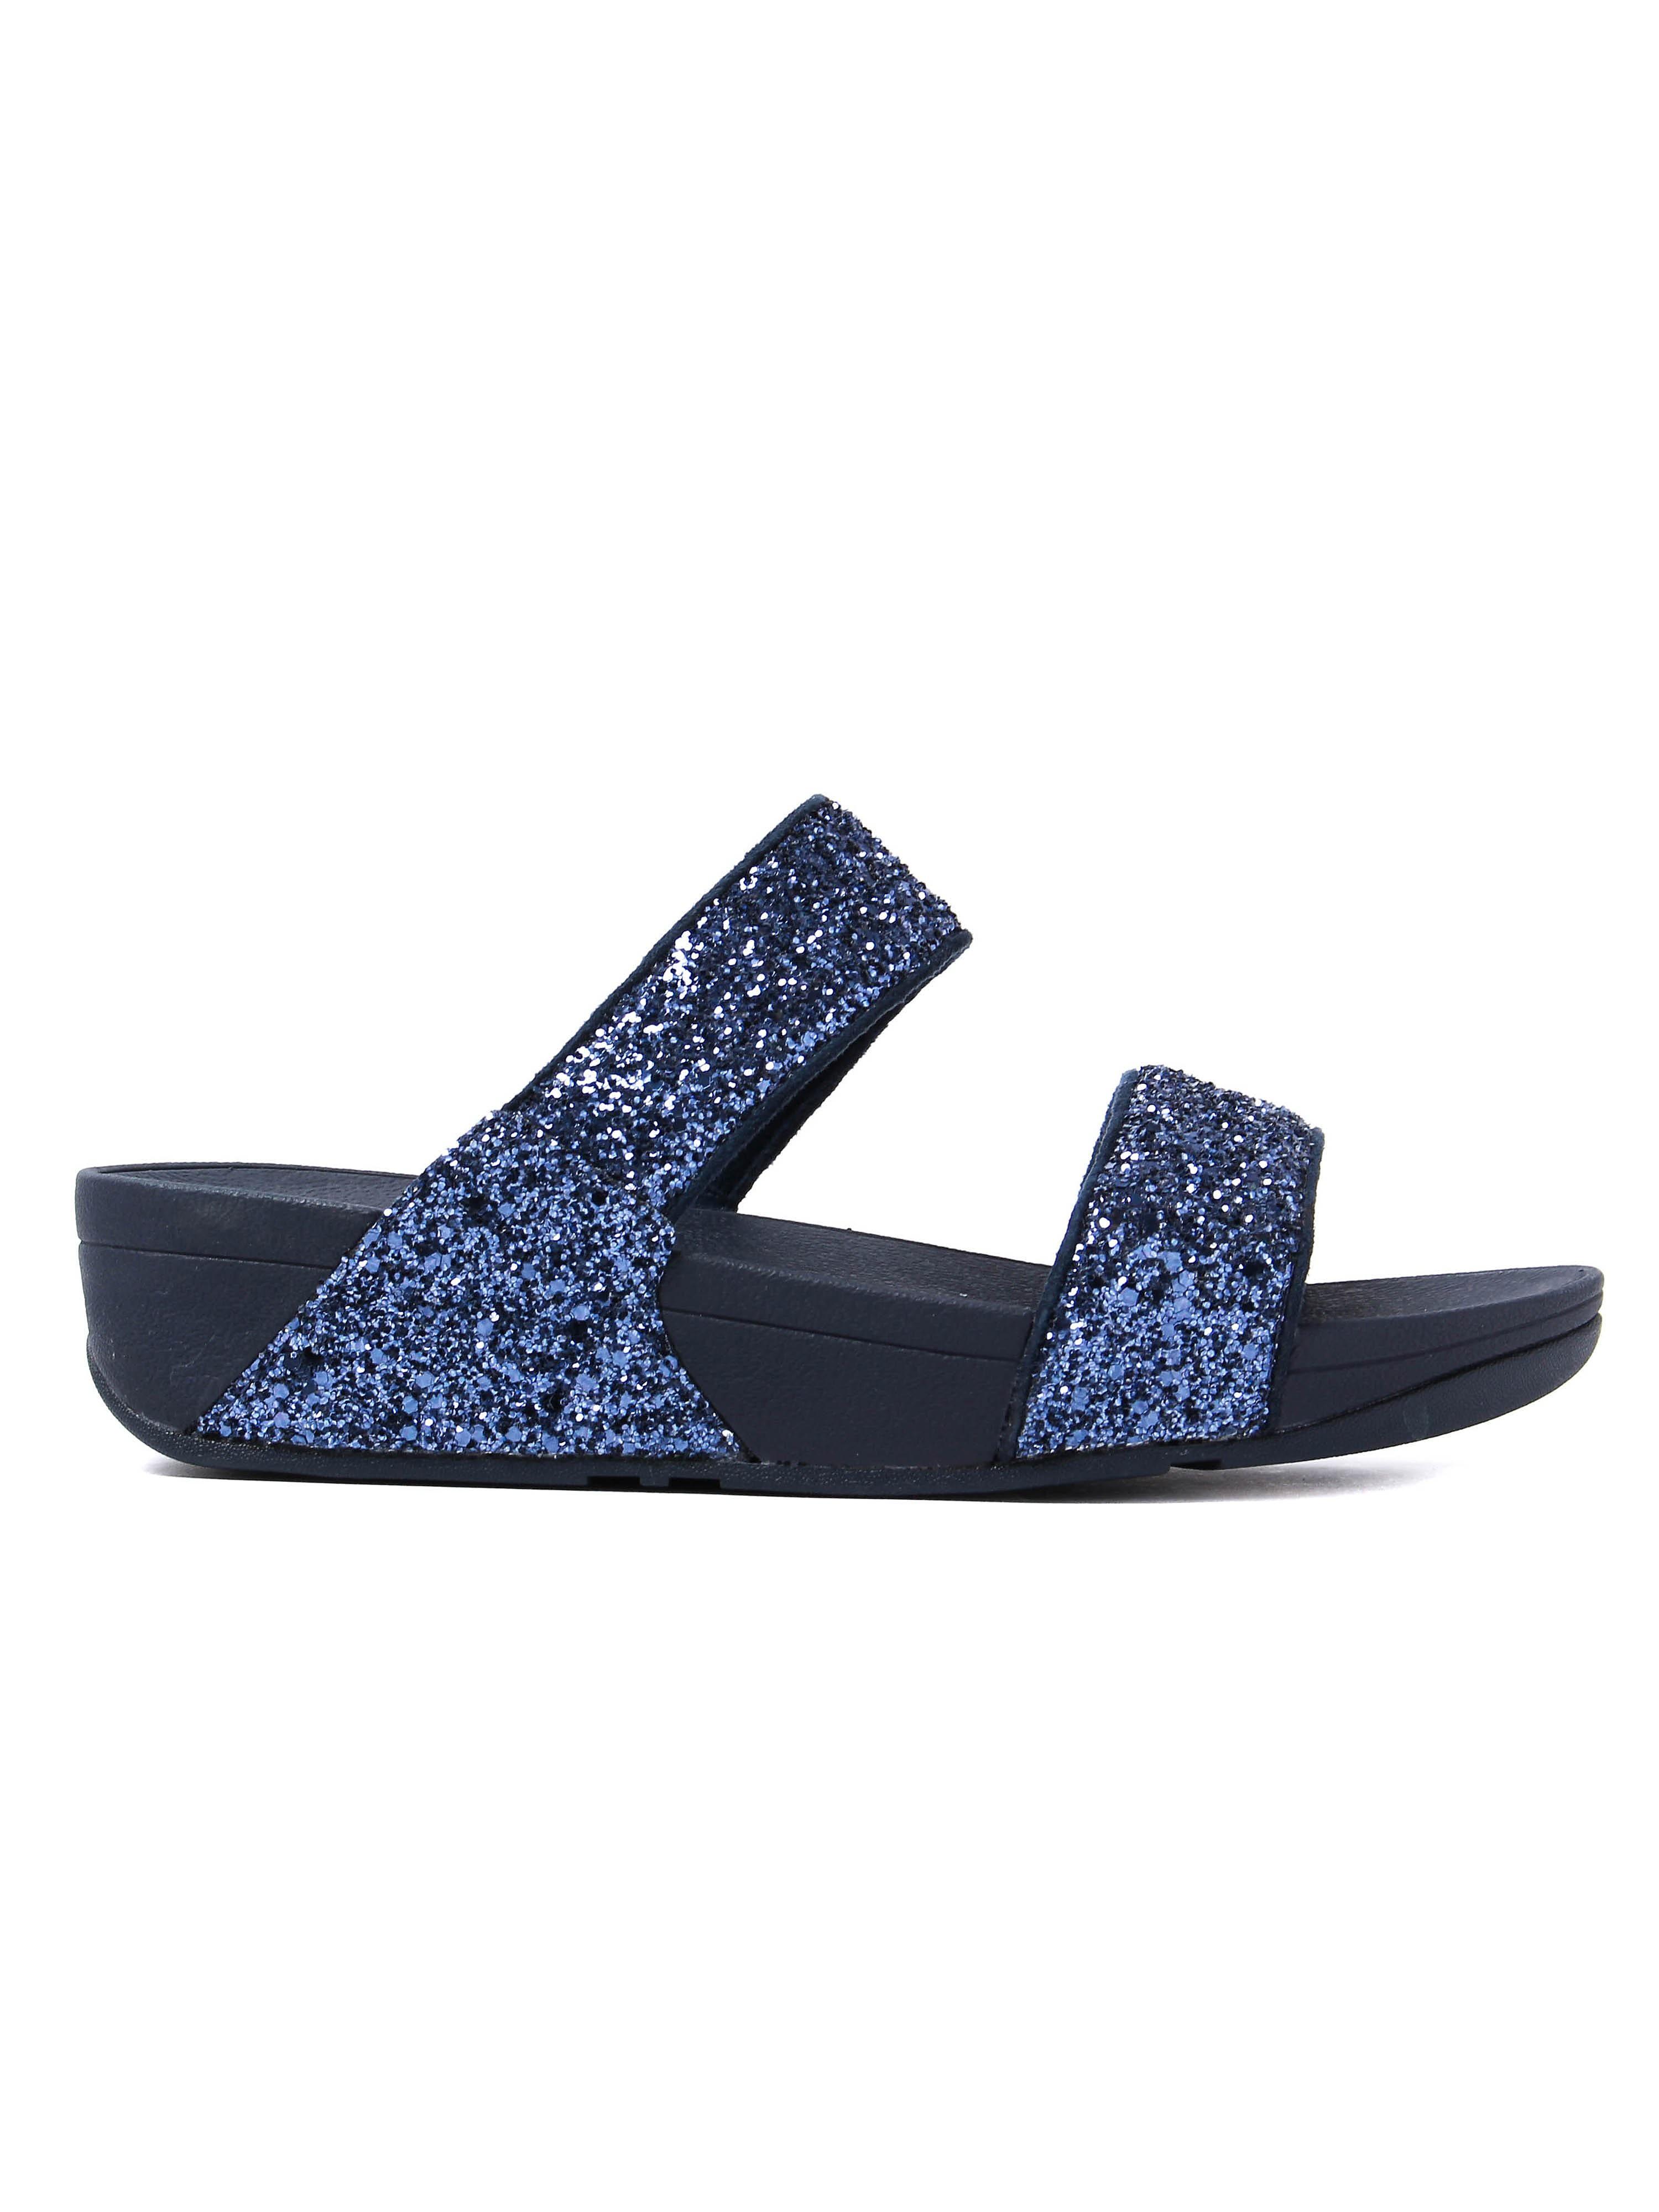 FitFlop Women's Glitterball Slide Sandals - Midnight Night